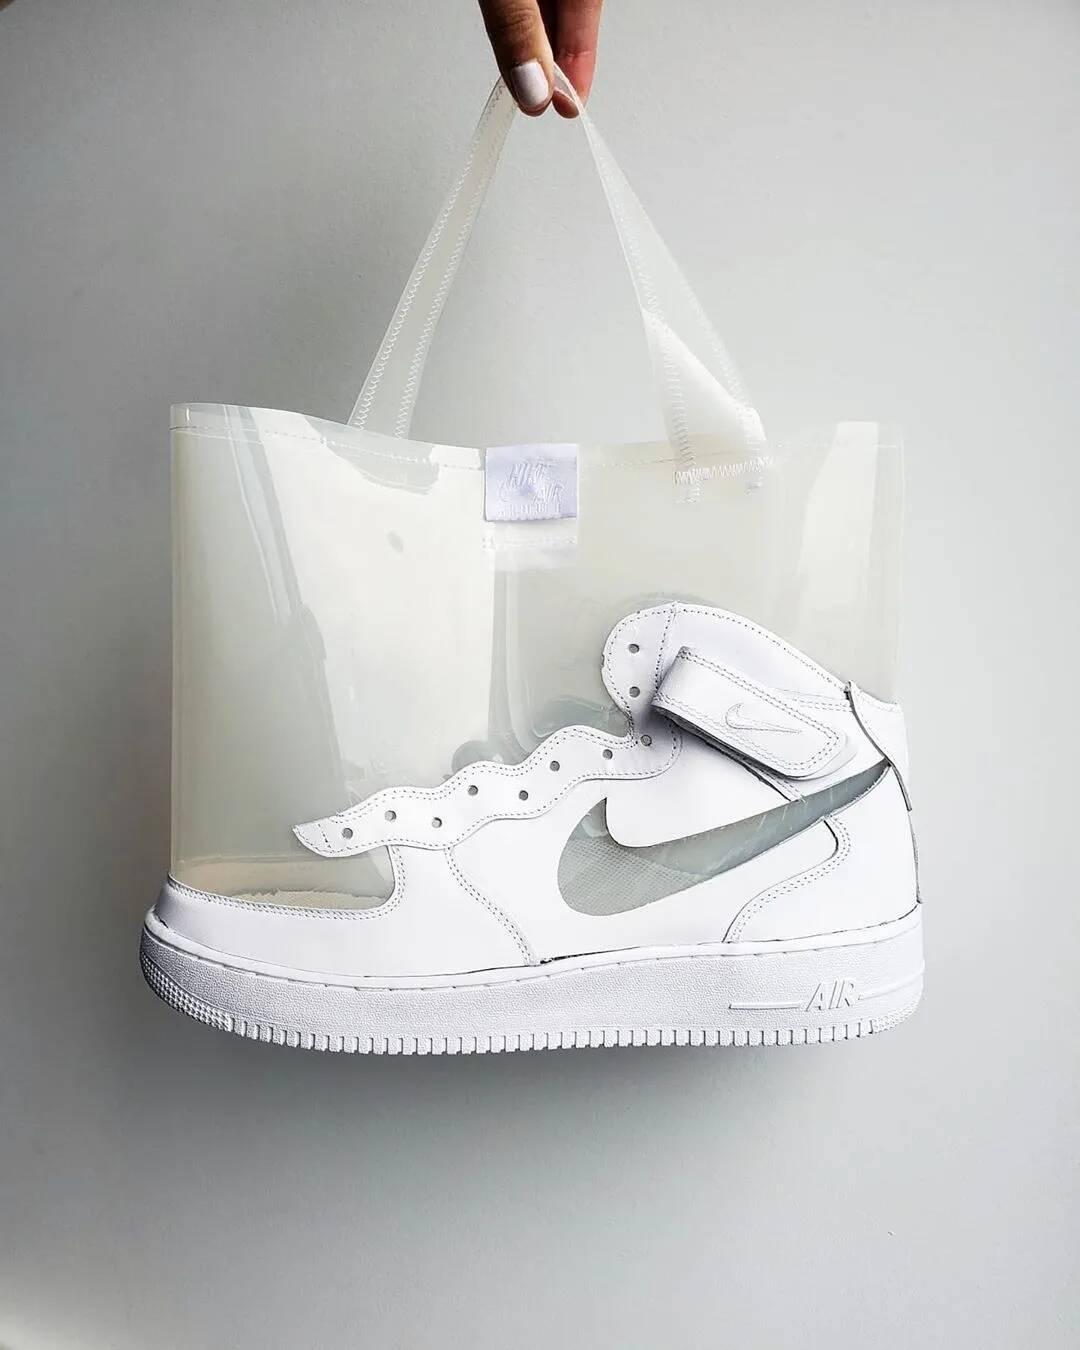 鞋子、包包太贵,重庆美术培训画室美术生要不试试自己DIY?